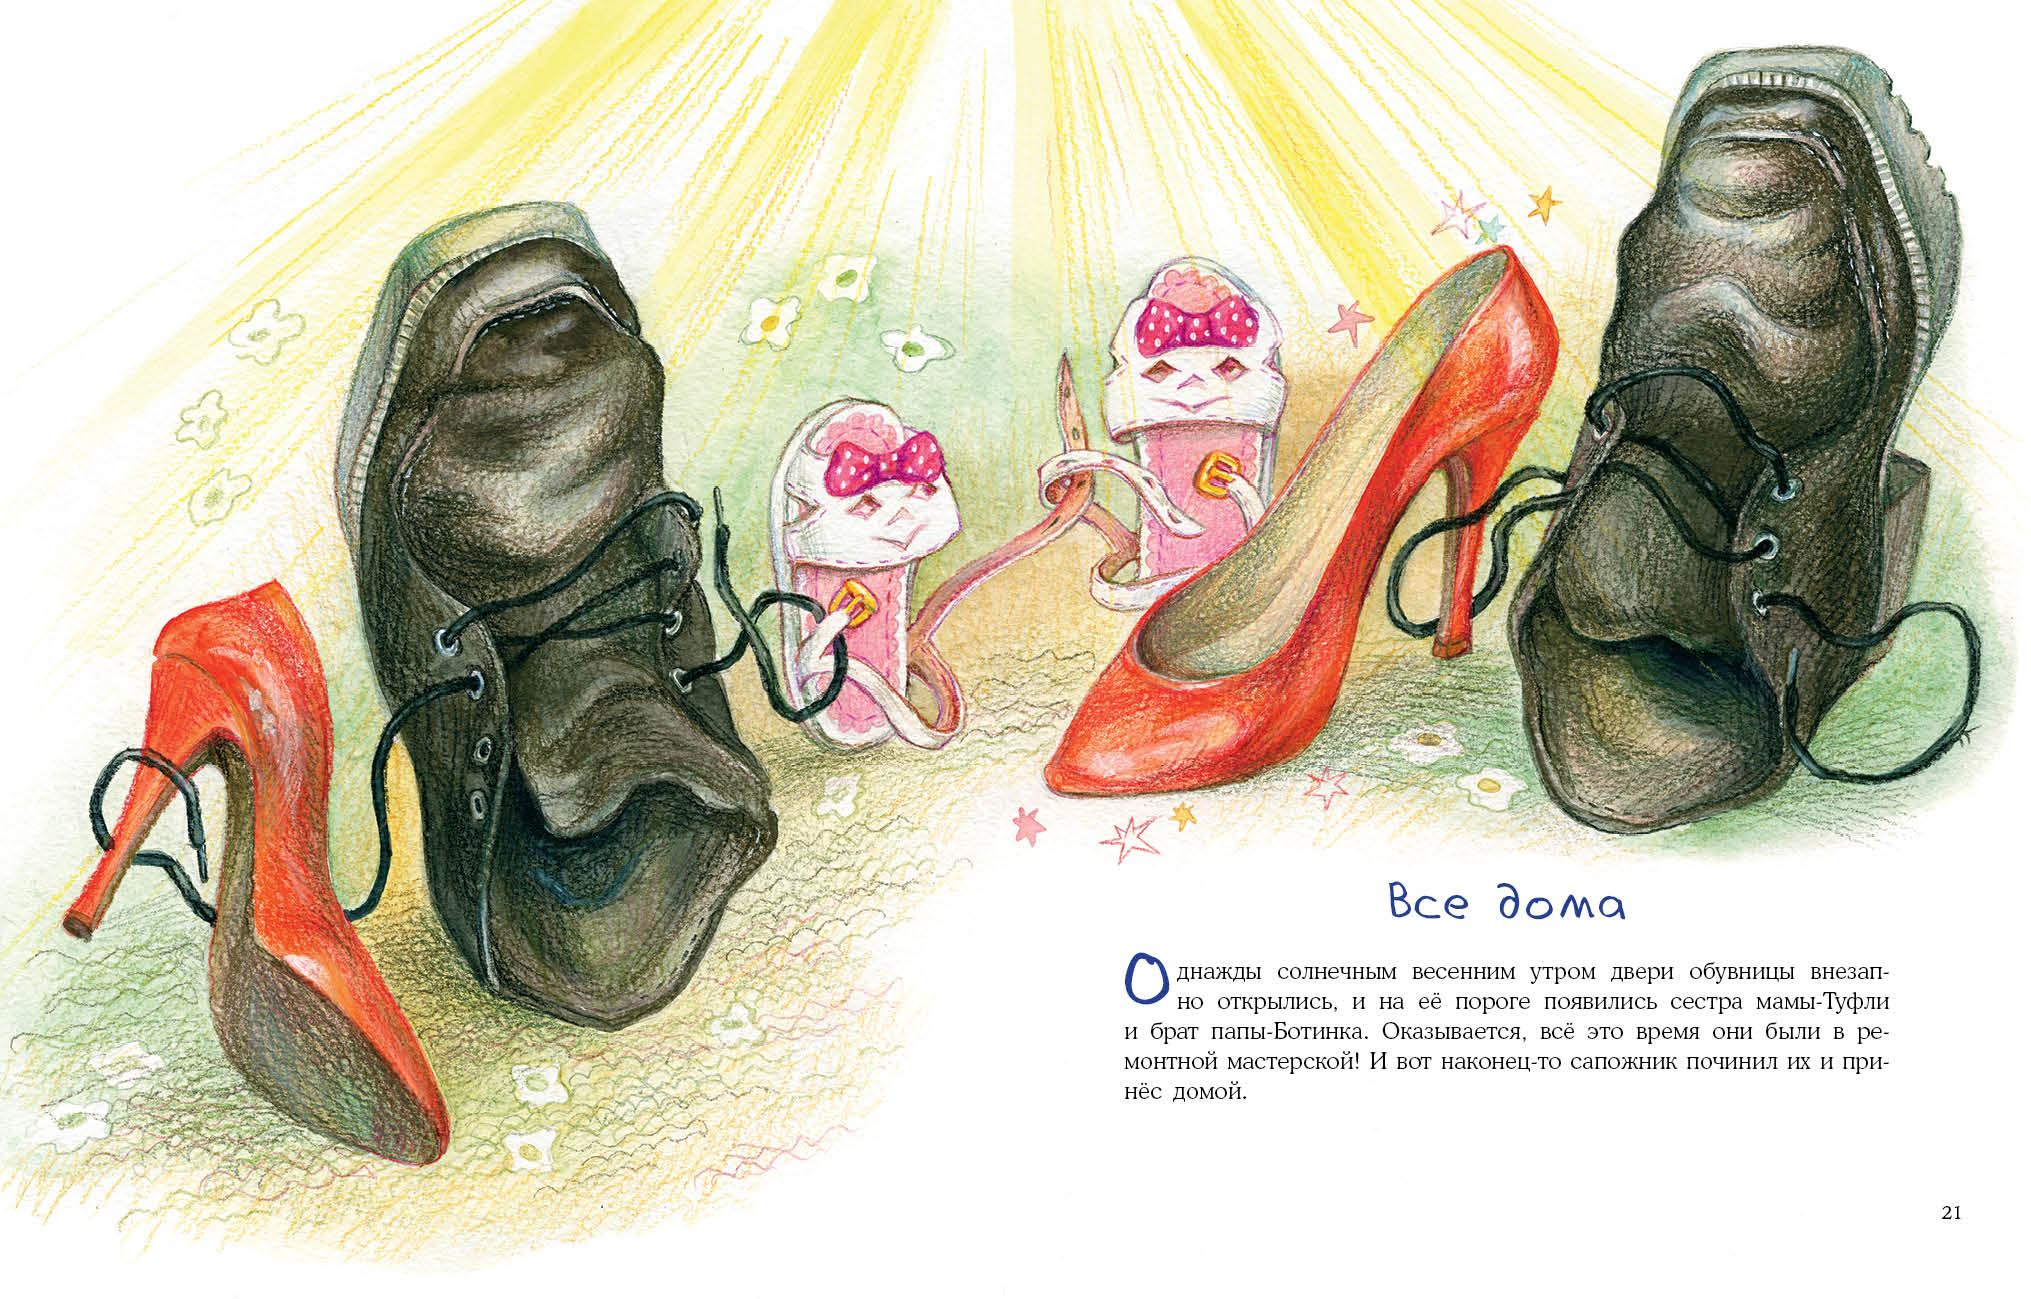 Что творится в обувнице?